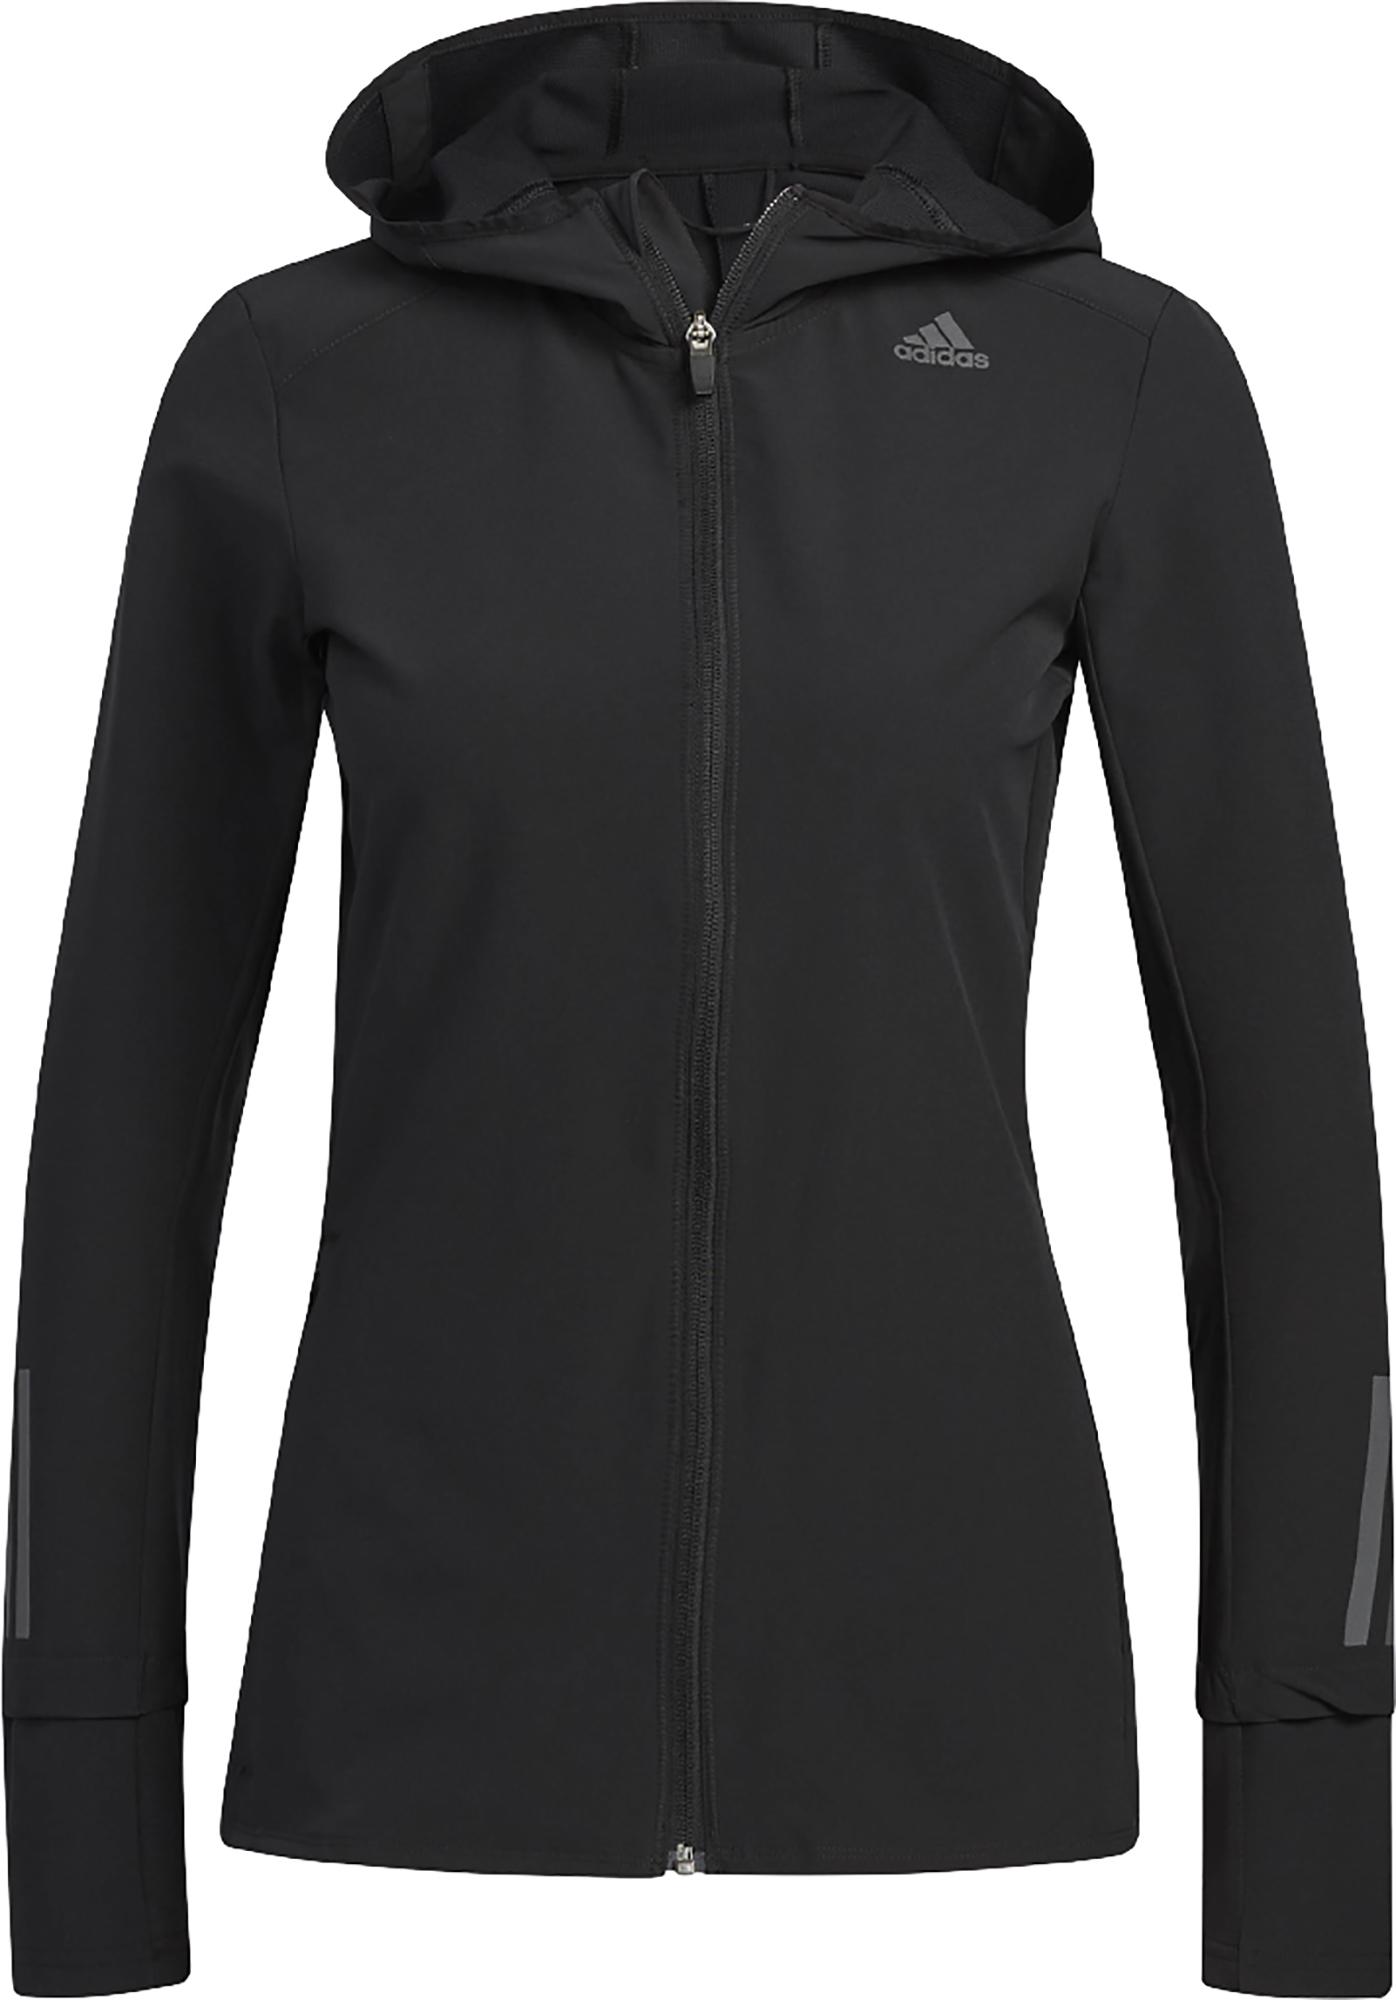 Adidas Ветровка женская Adidas Response, размер 46-48 цена